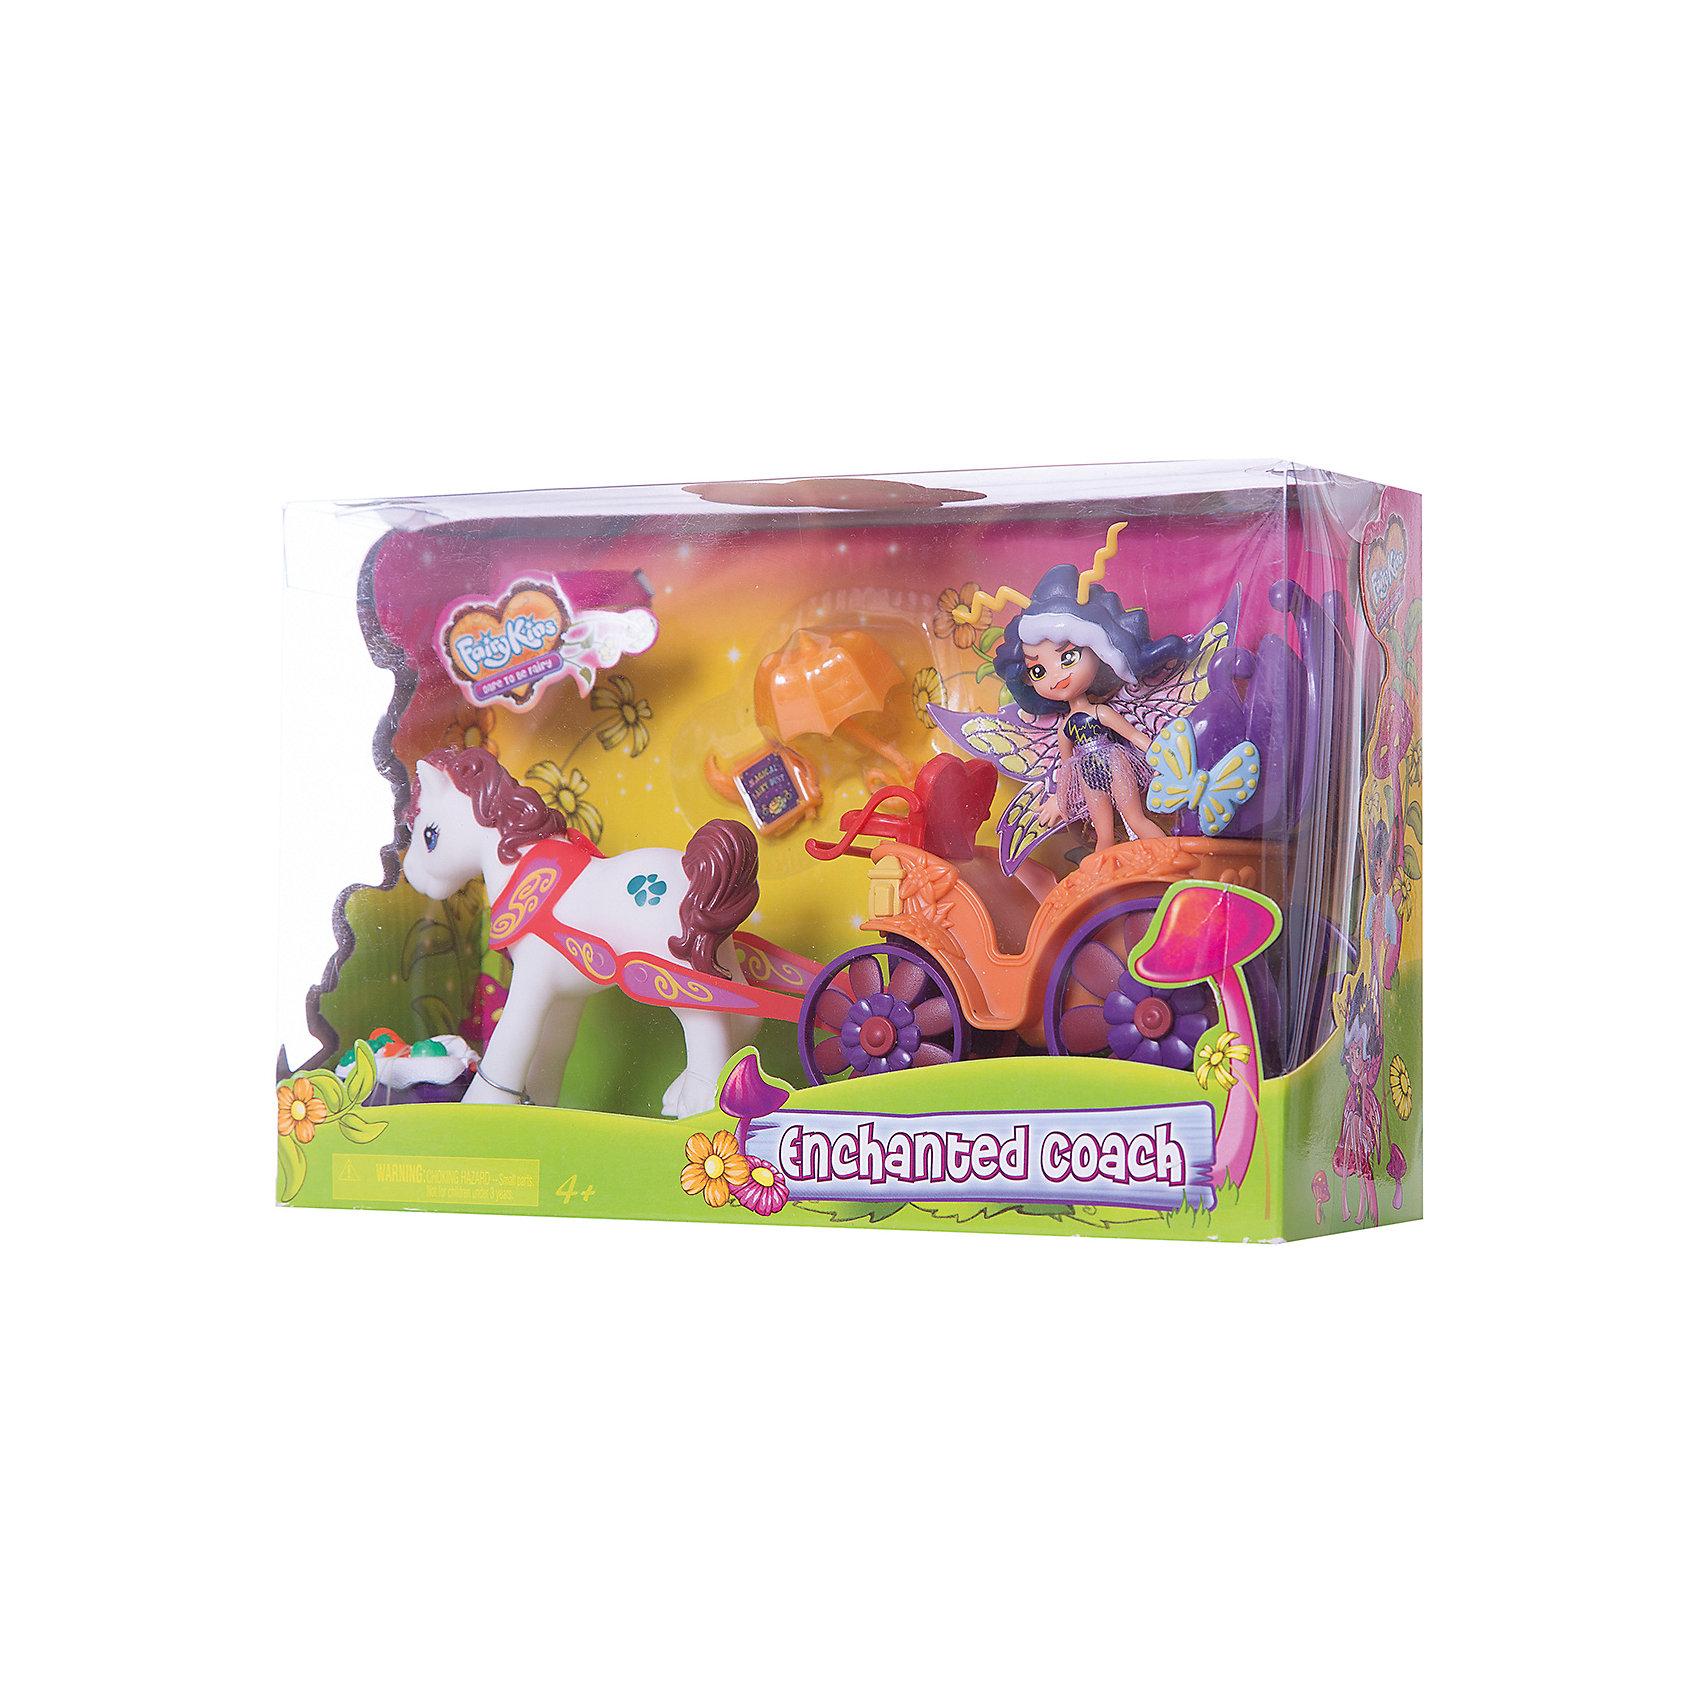 Набор: Фея Вольтесса в ЛандоКошки и собаки<br>Игровой набор для девочек Lanard «Фея Вольтесса в Ландо»<br><br>Характеристики: <br><br>• высота куколки: 9 см;<br>• фея может принимать положение «сидя»;<br>• в комплект входит фигурка лошадки и экипаж открытого типа с местом для сиденья феи;<br>• дополнтительные аксессуары помогают разнообразить игру: корзинка для пикника, зонтик, книга;<br>• размеры упаковки: 25,4х8,89х16,51 см.<br><br>Озорная фея Вольтесса собралась на пикник. Ее сопровождает надежный друг, белокурый конь, который запряжен в ландо (открытую повозку). На свежем воздухе можно перекусить, ведь фея приготовила корзинку для пикника, в которой есть много вкусняшек. <br><br>Набор: Фея Вольтесса в Ландо можно купить в нашем интернет-магазине.<br><br>Ширина мм: 17<br>Глубина мм: 9<br>Высота мм: 25<br>Вес г: 340<br>Возраст от месяцев: 36<br>Возраст до месяцев: 2147483647<br>Пол: Женский<br>Возраст: Детский<br>SKU: 4914622